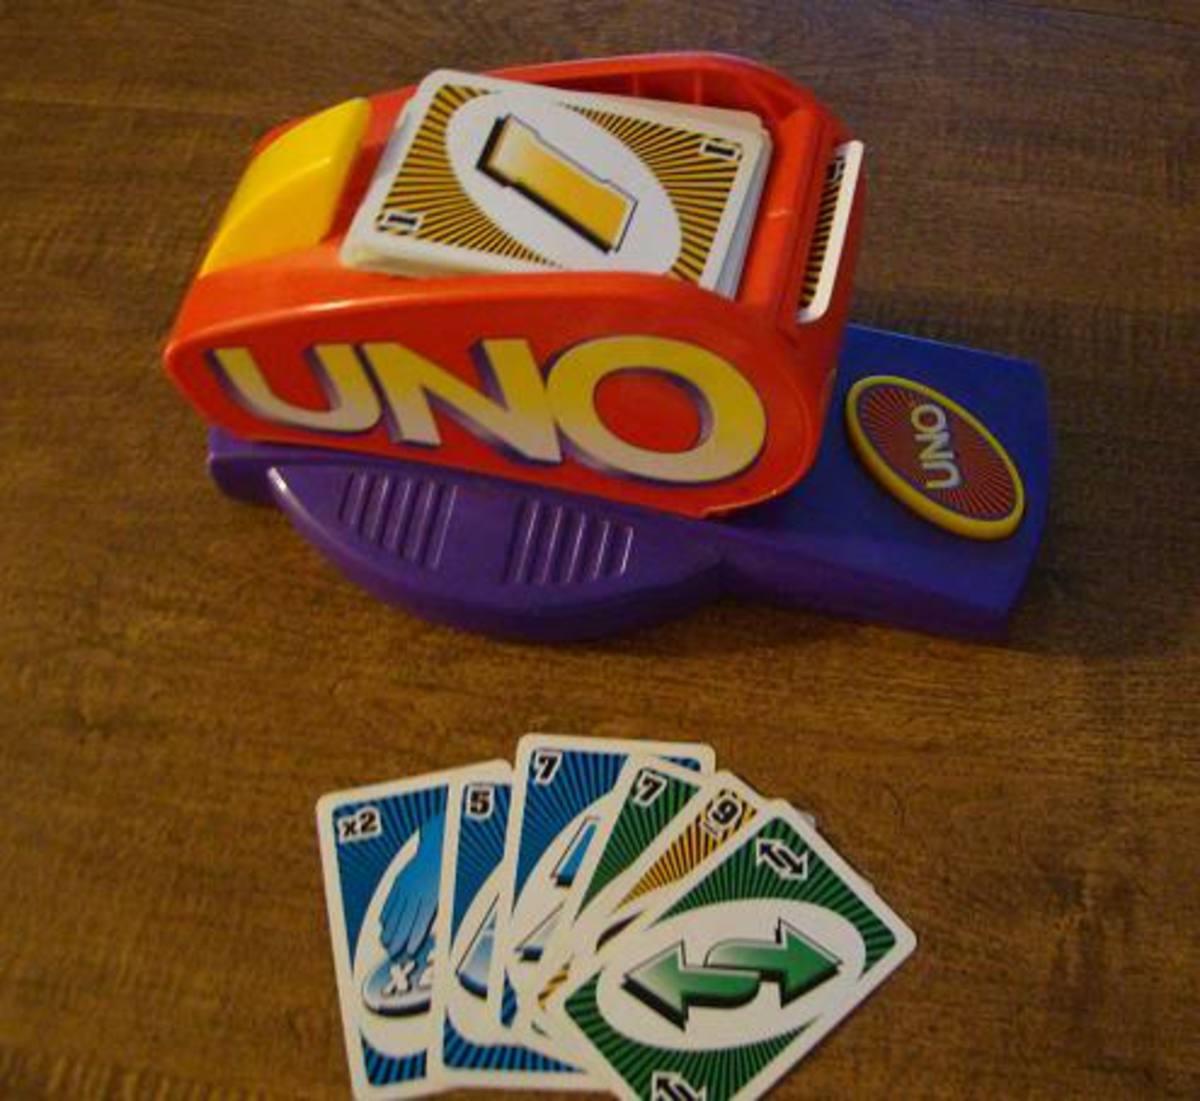 Uno Attack Card Game